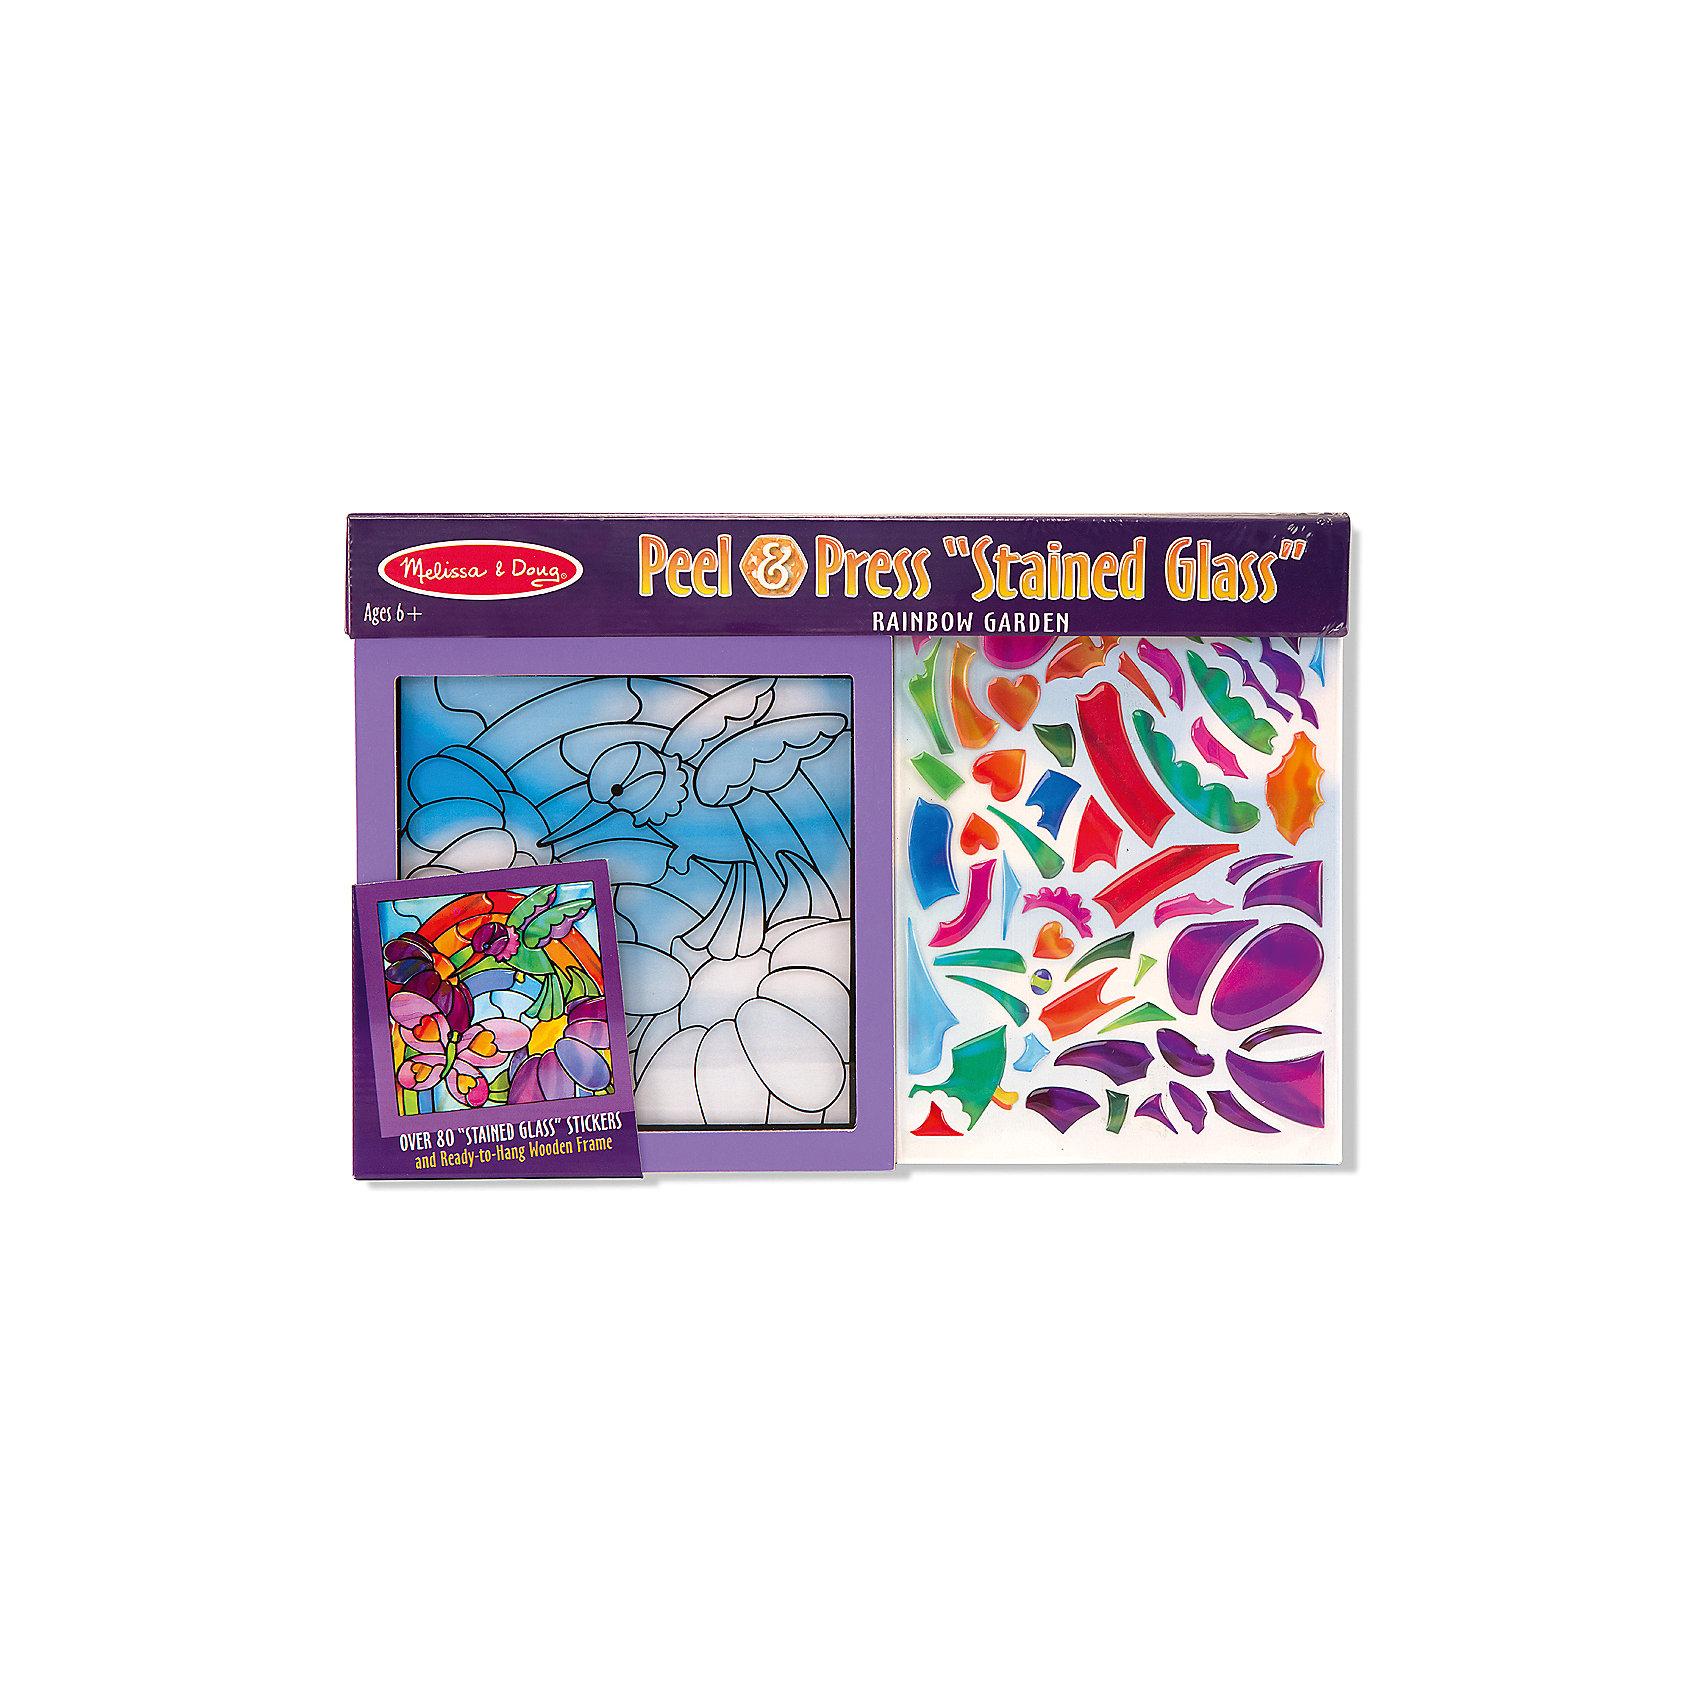 Мозаика-витраж Радуга в садуДумаете, как порадовать ребенка? Такая витражная мозаика - это отличный вариант подарка ребенку, который одновременно и развлечет малыша, и позволит ему развивать важные навыки. Это способствует развитию у малышей мелкой моторики, цветовосприятия, художественного вкуса, внимания и воображения. <br>Набор состоит из фоновой картинки, которую нужно заполнить прозрачными деталями, чтобы получилось изображение. Его потом можно повесить на окно! Особенно понравится девочкам. Набор отличается удобной упаковкой, простотой использования и отличным качеством исполнения. <br><br>Дополнительная информация:<br><br>комплектация: фоновая картинка, детали;<br>размер: 250 х 370 х 10 мм.<br><br>Мозаику-витраж Радуга в саду от бренда Melissa&amp;Doug можно купить в нашем магазине.<br><br>Ширина мм: 370<br>Глубина мм: 10<br>Высота мм: 250<br>Вес г: 272<br>Возраст от месяцев: 72<br>Возраст до месяцев: 144<br>Пол: Унисекс<br>Возраст: Детский<br>SKU: 4993669